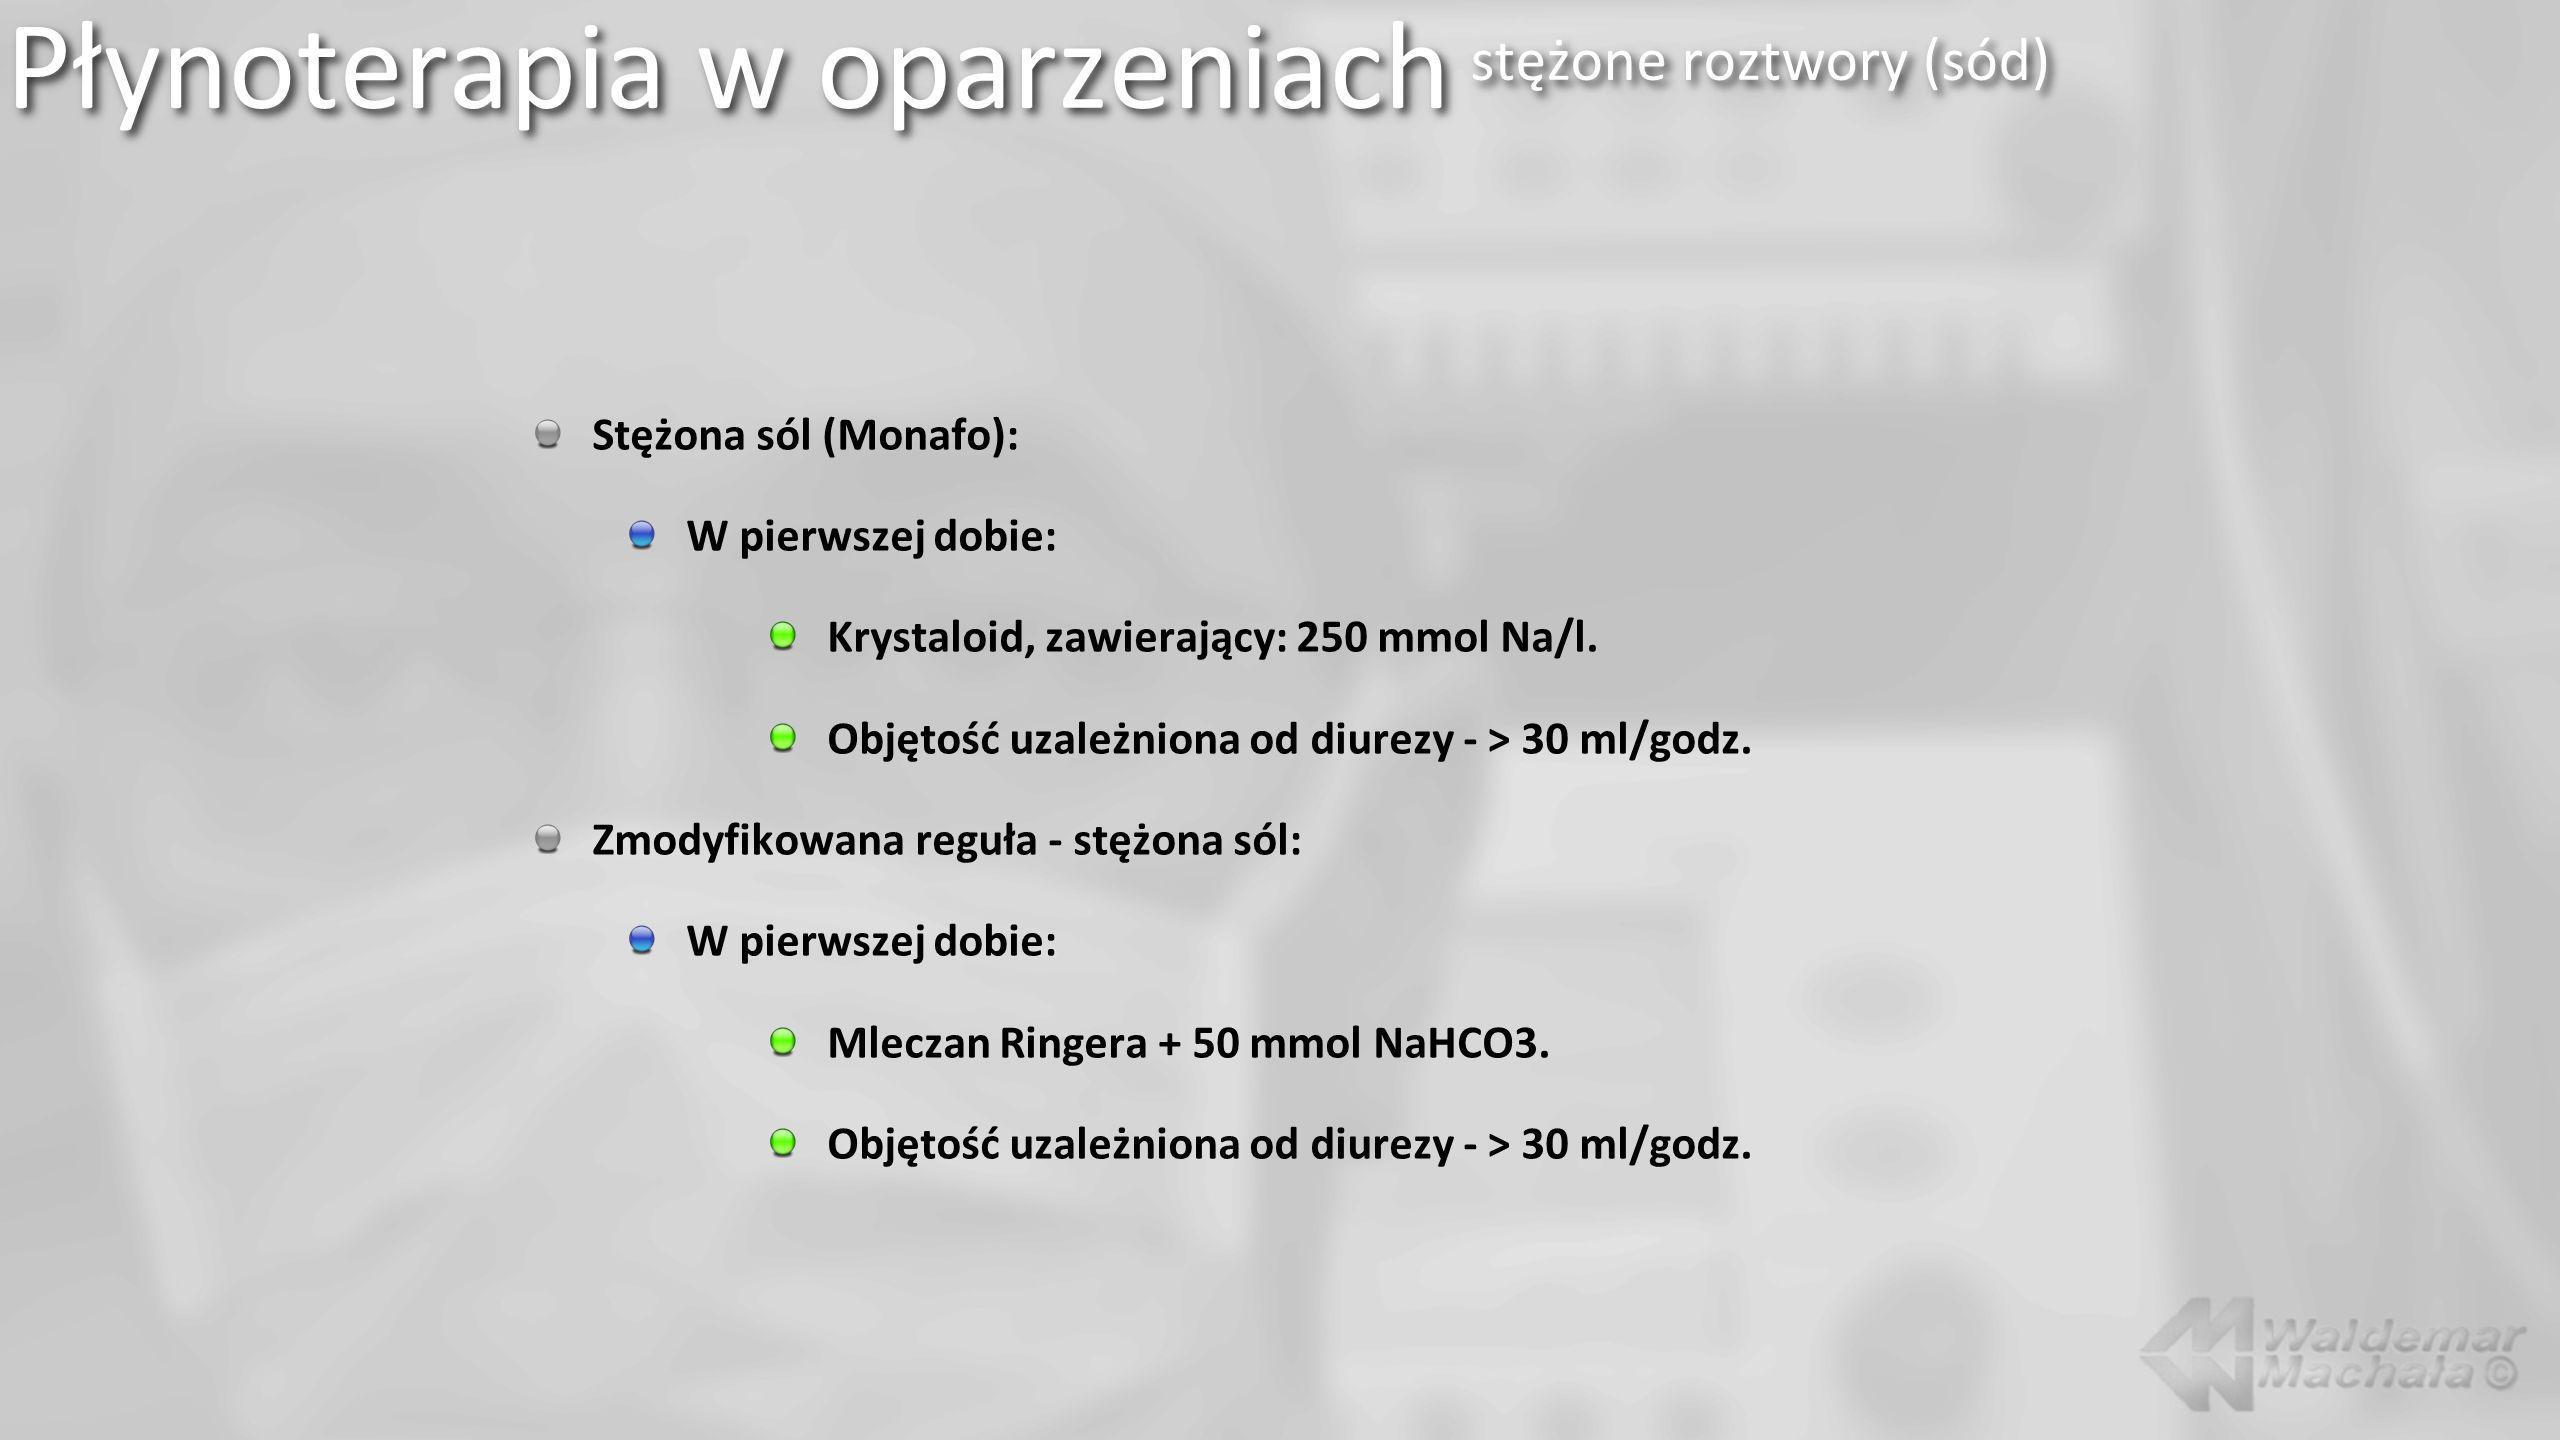 Stężona sól (Monafo): W pierwszej dobie: Krystaloid, zawierający: 250 mmol Na/l. Objętość uzależniona od diurezy - > 30 ml/godz. Zmodyfikowana reguła